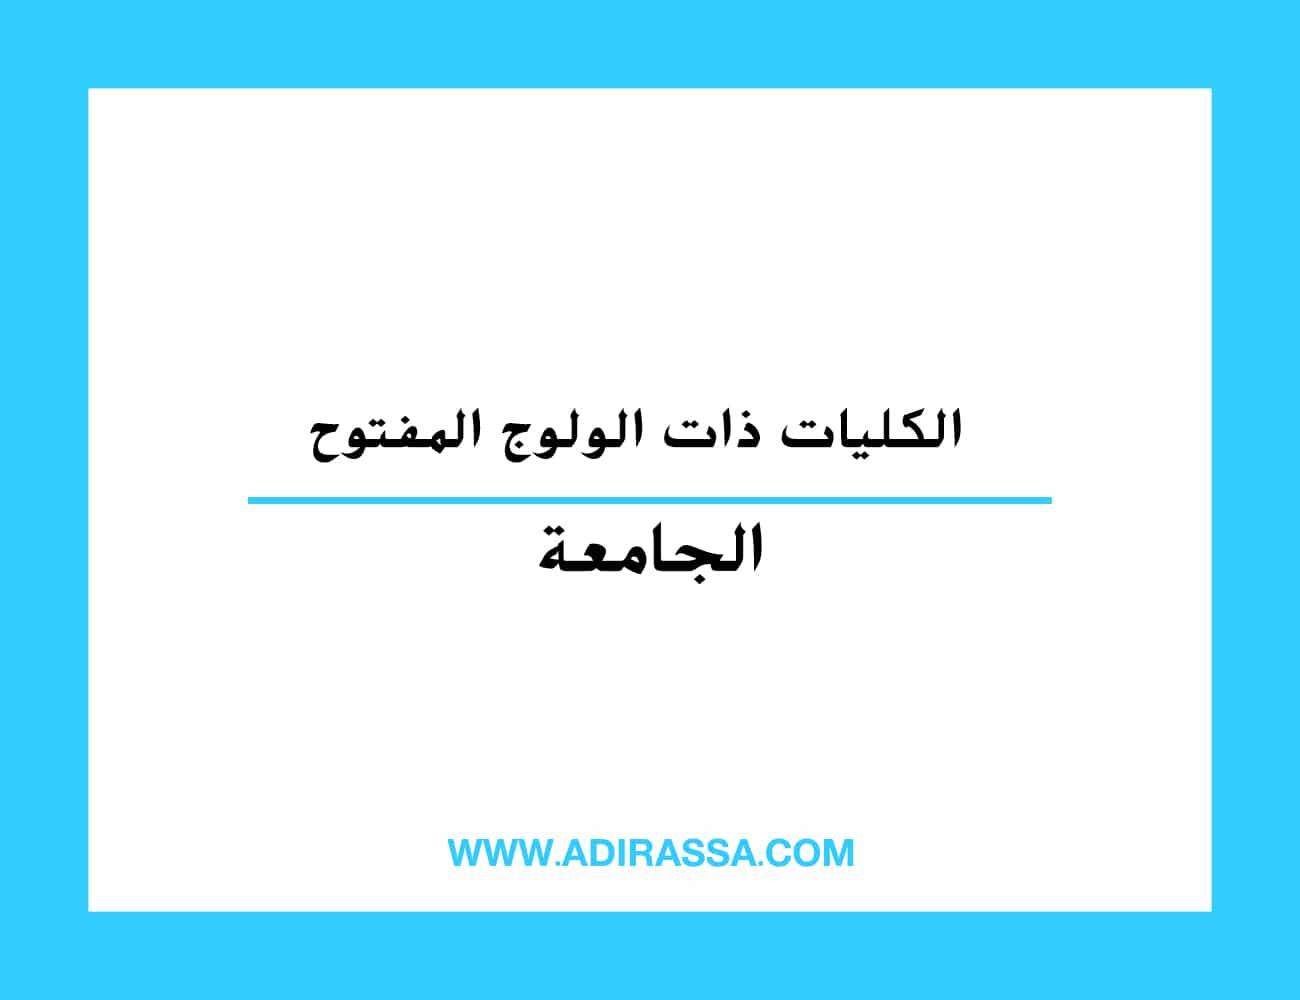 الكليات ذات الولوج المفتوح بالتعليم الجامعي العالي المغربي